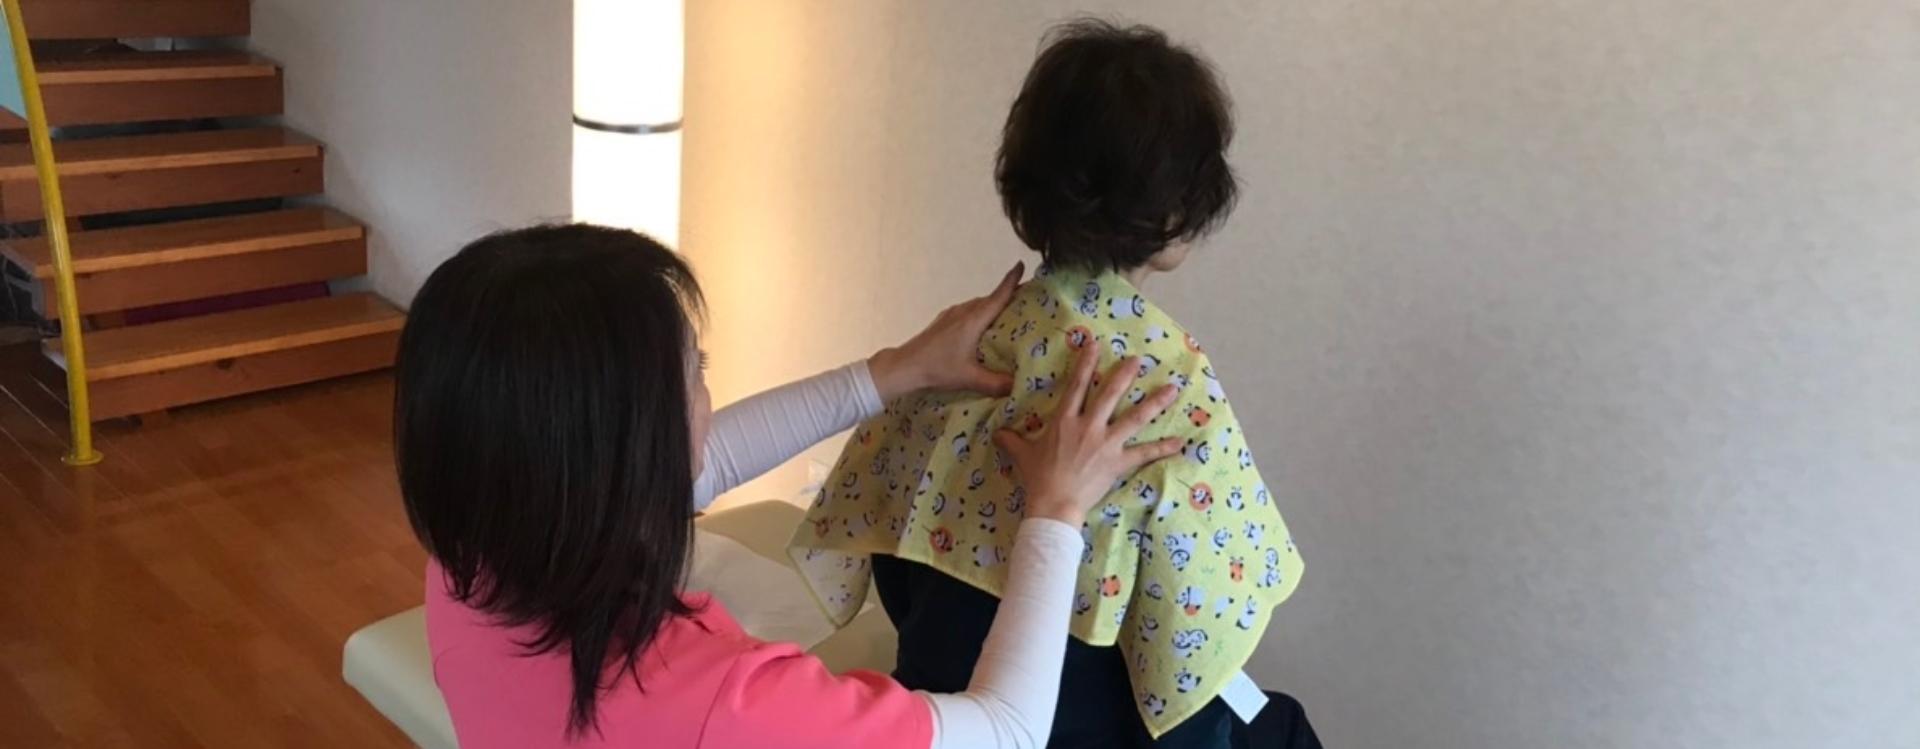 岡崎で整体治療なら、らくや整体院。女性専用、矯正と癒しのリラクゼーションサロン